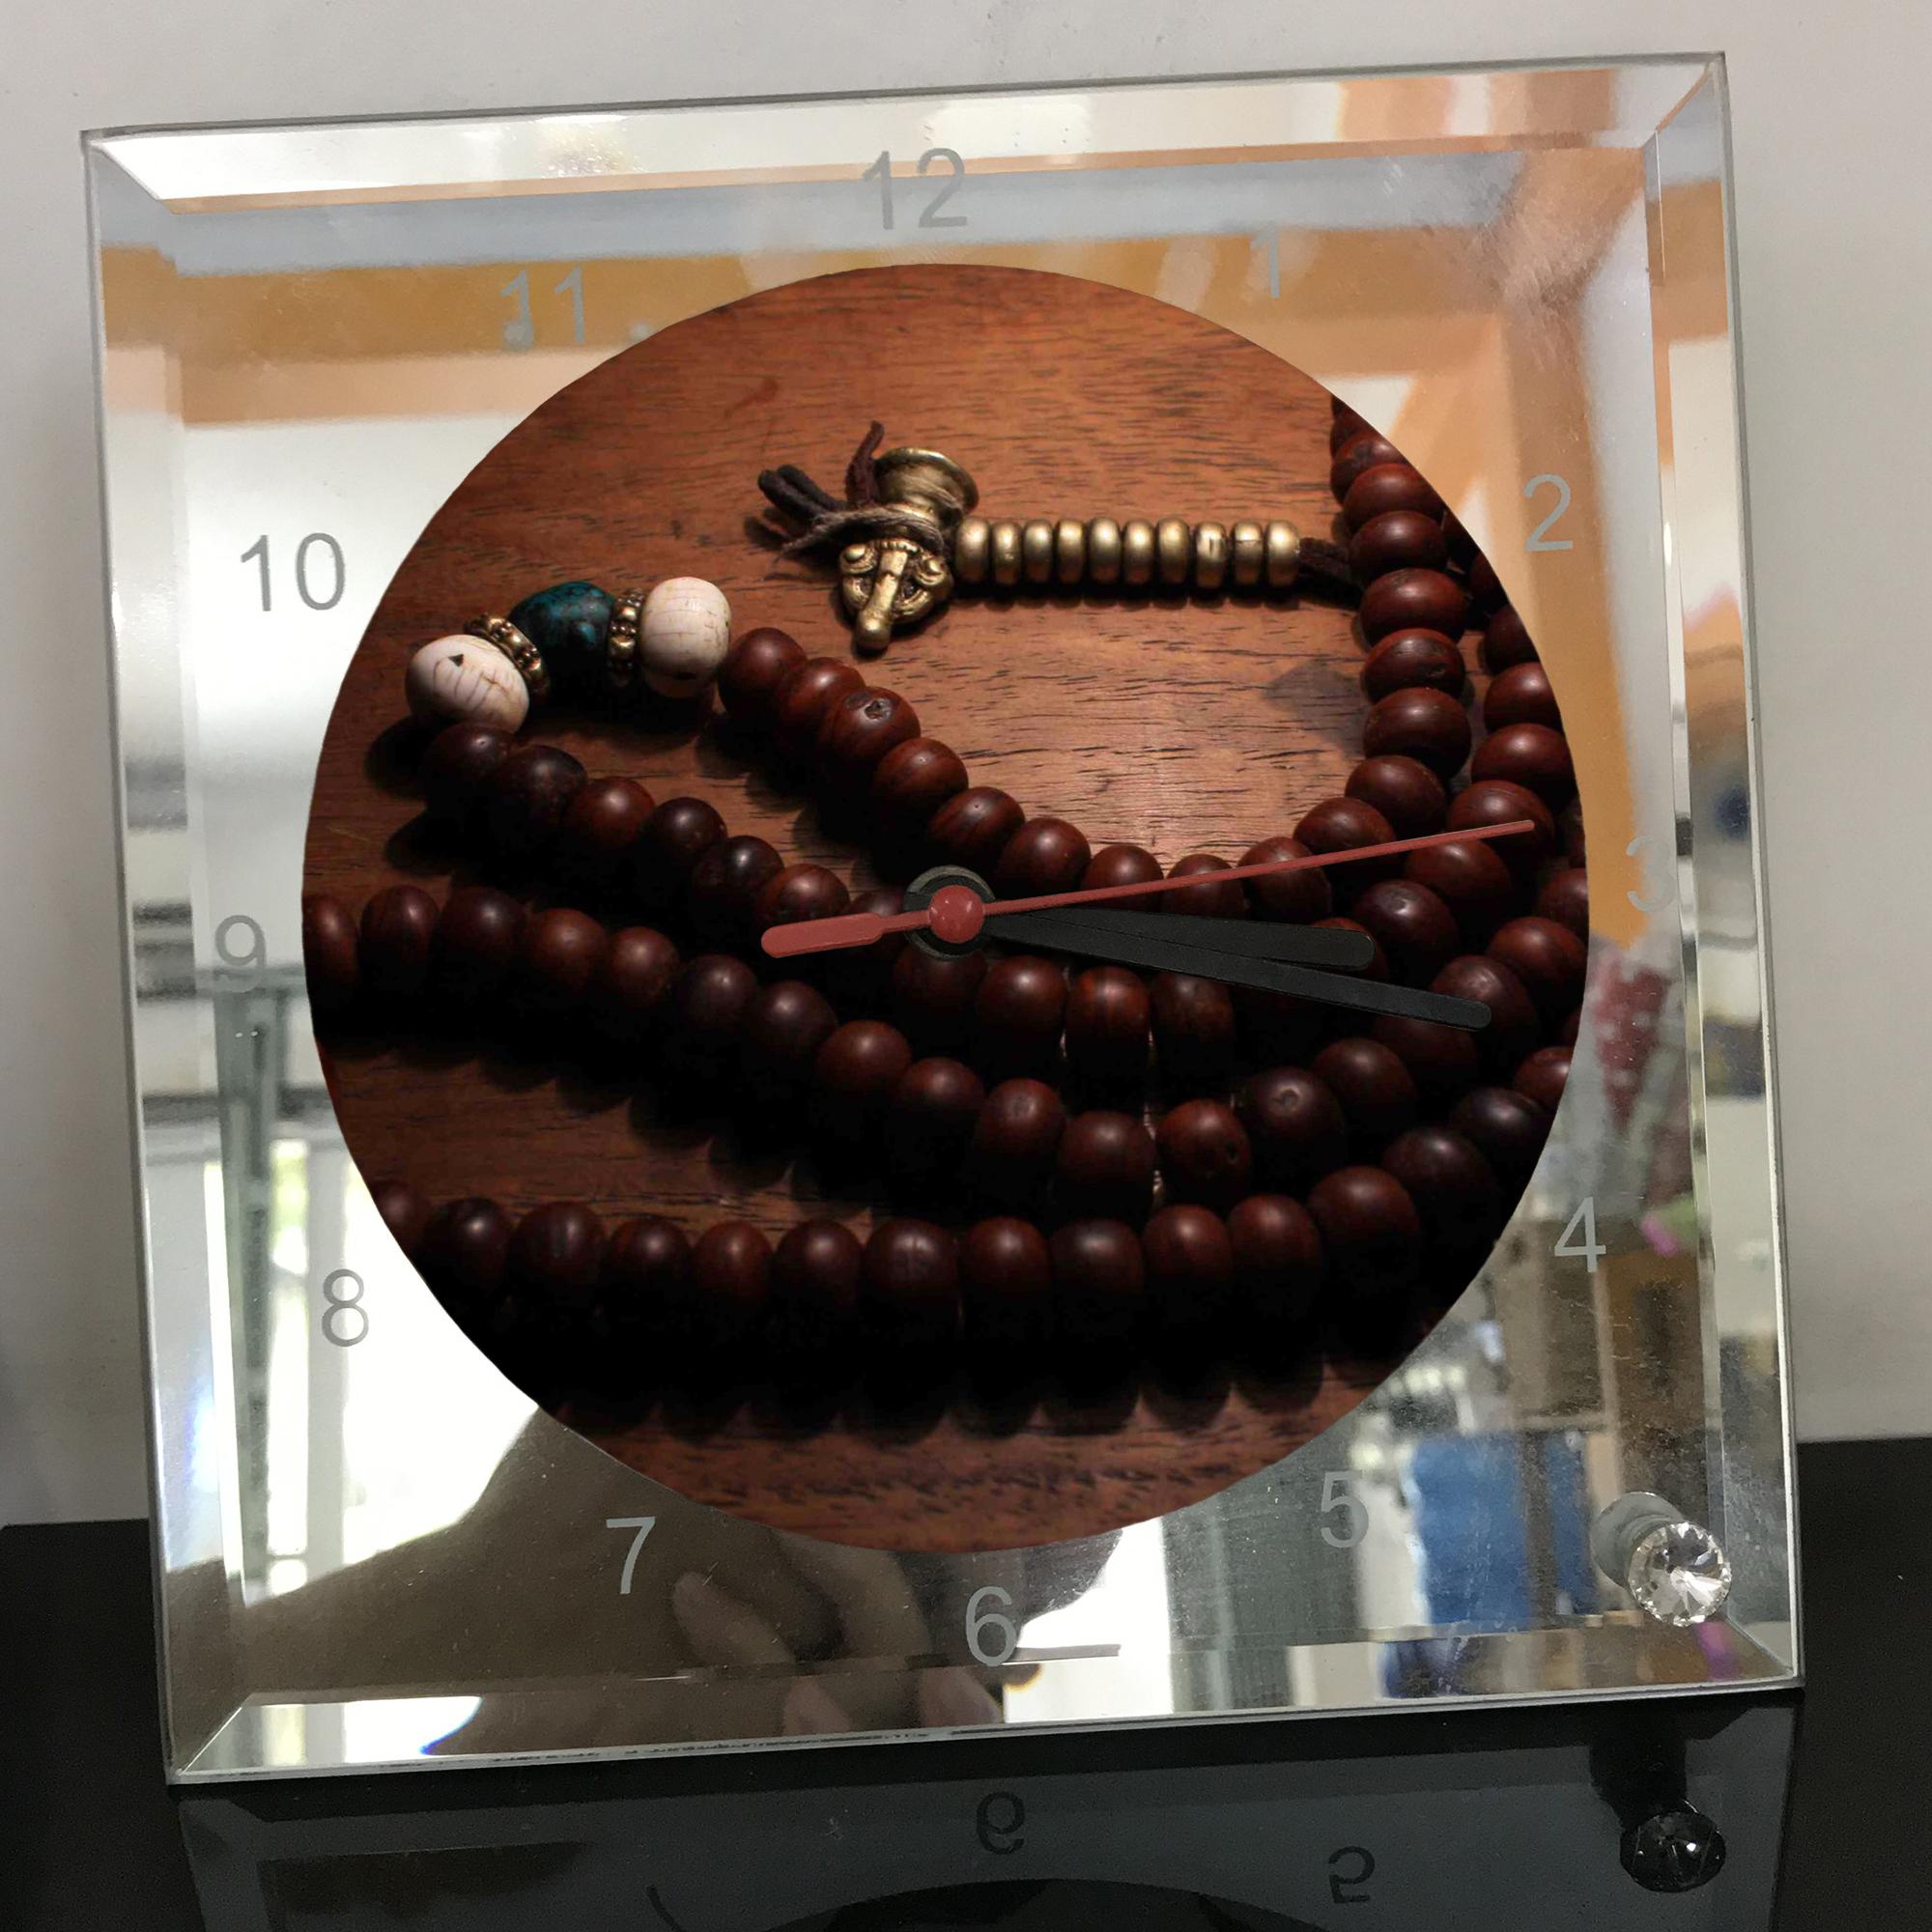 Đồng hồ thủy tinh vuông 20x20 in hình Buddhism - đạo phật (17) . Đồng hồ thủy tinh để bàn trang trí đẹp chủ đề tôn giáo